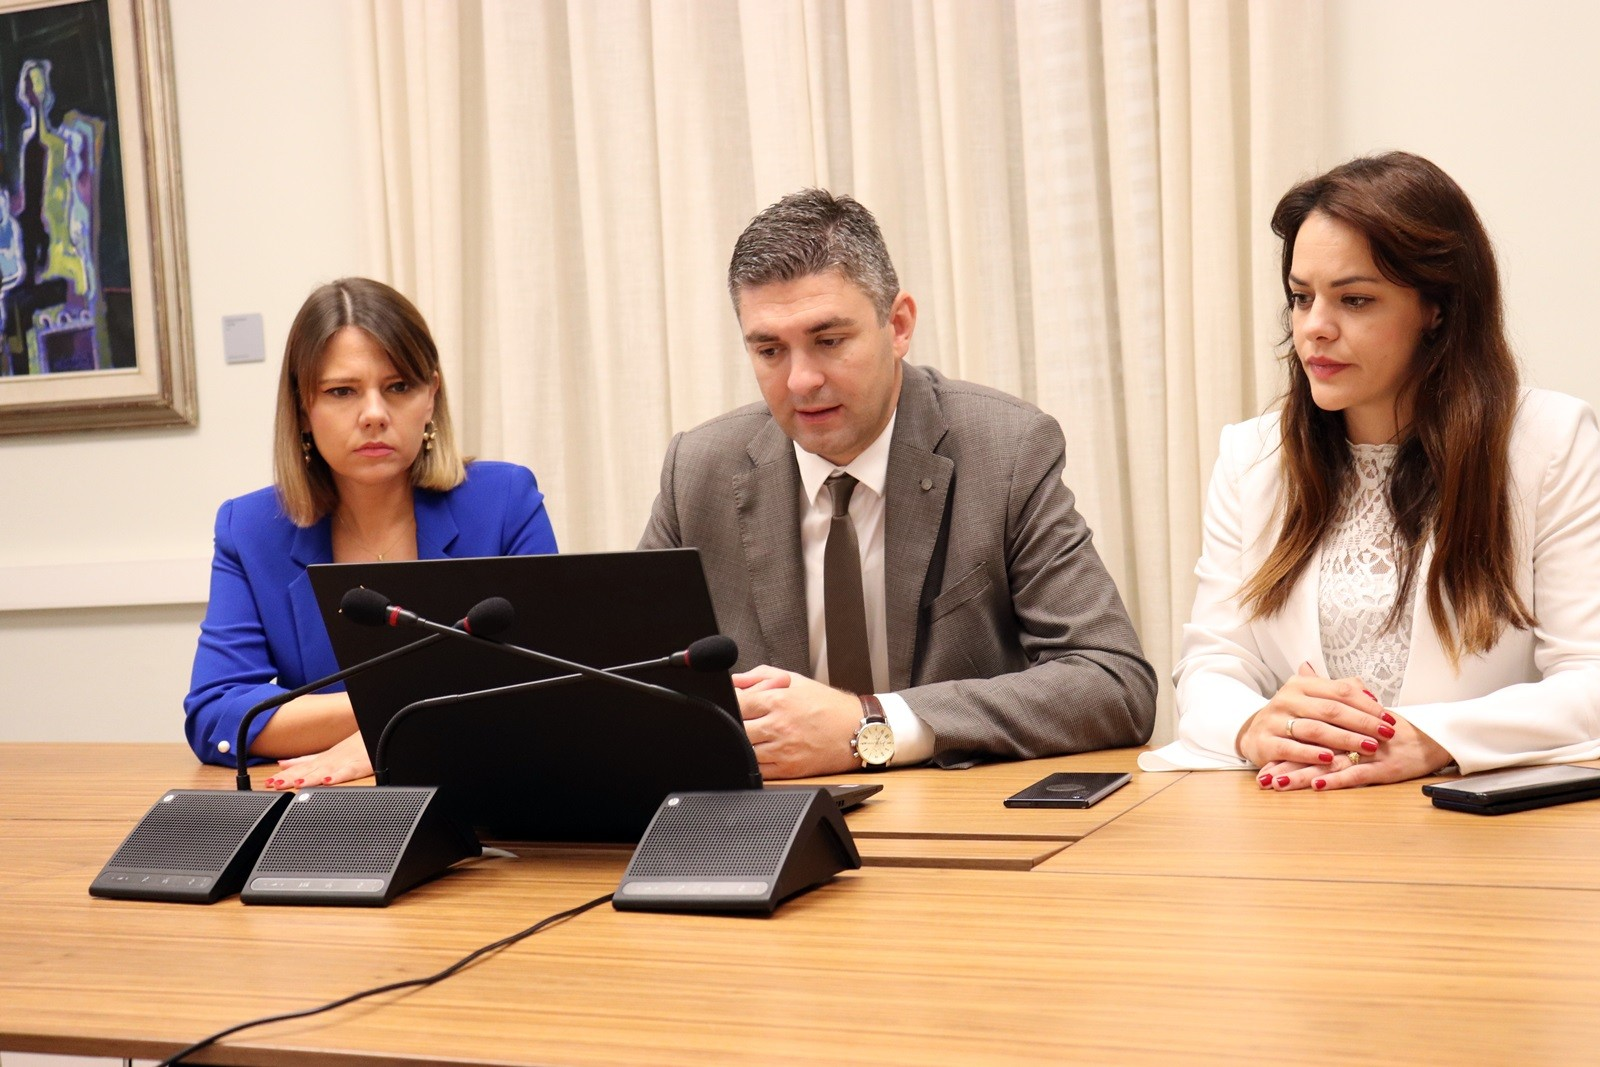 Gradonačelnik Franković održao video sastanak s američkim veleposlanikom